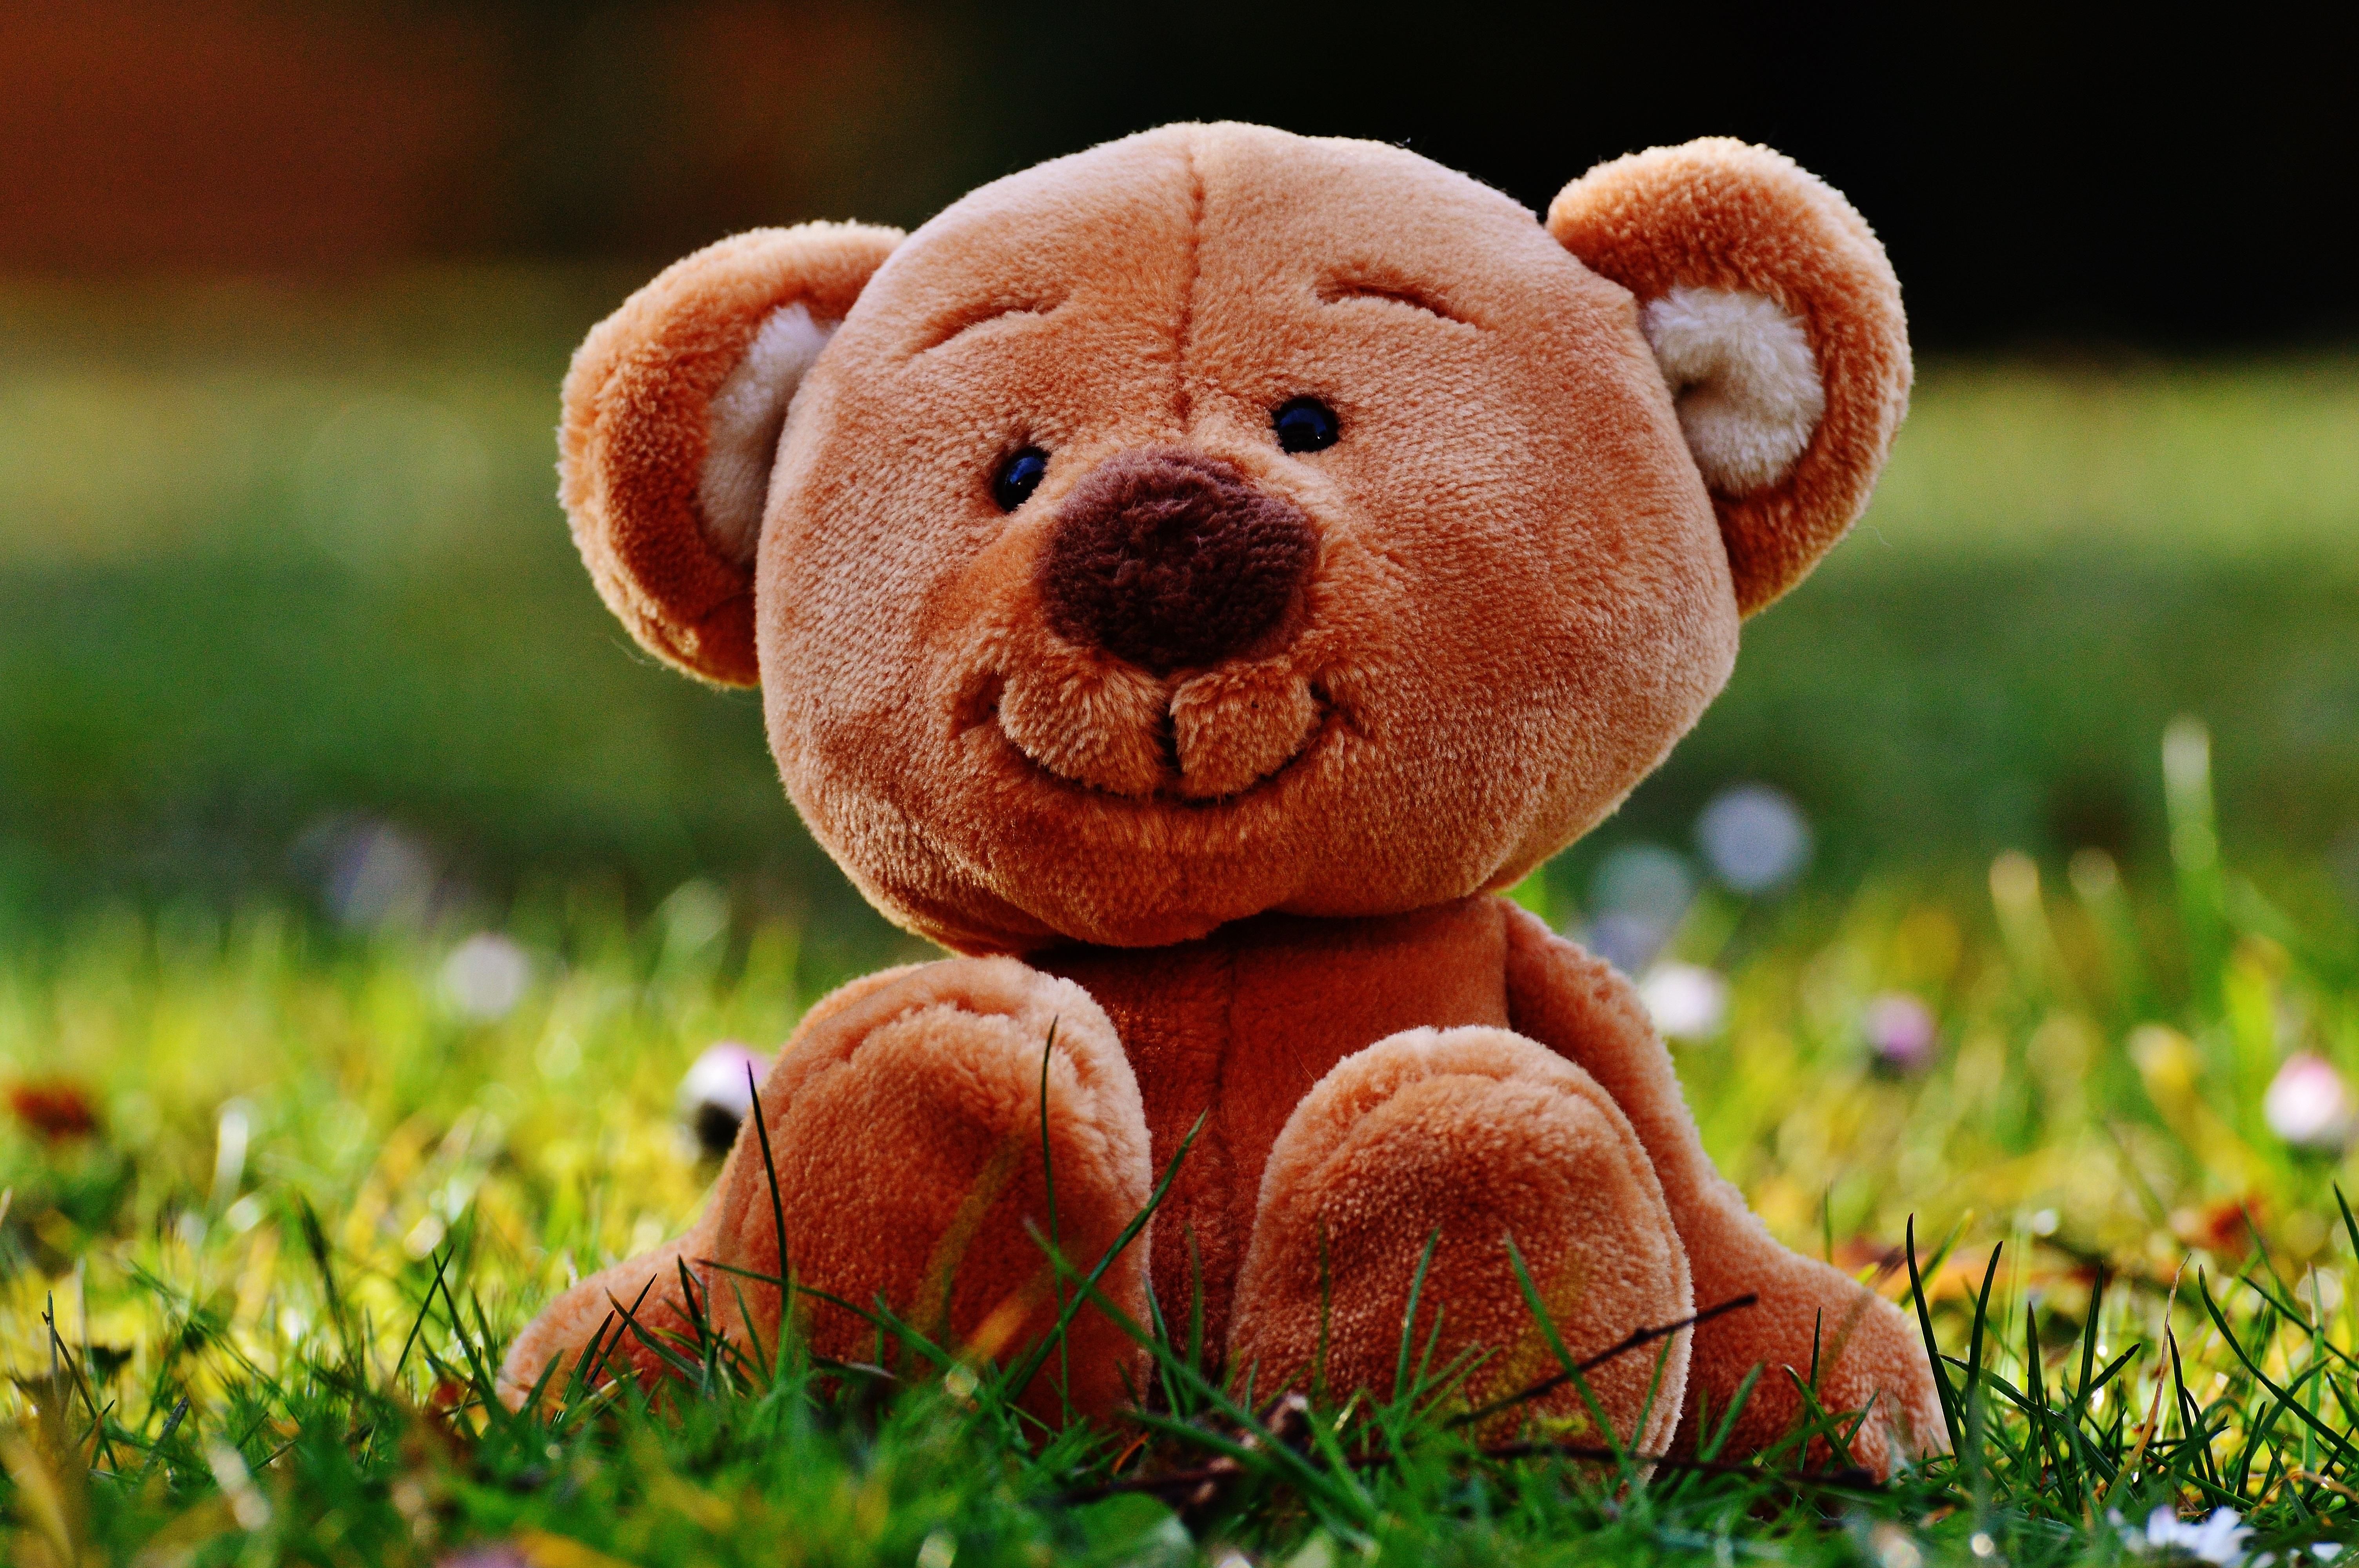 81047 Hintergrundbild herunterladen Grass, Spielzeug, Verschiedenes, Sonstige, Plüschbär, Der Teddybär - Bildschirmschoner und Bilder kostenlos